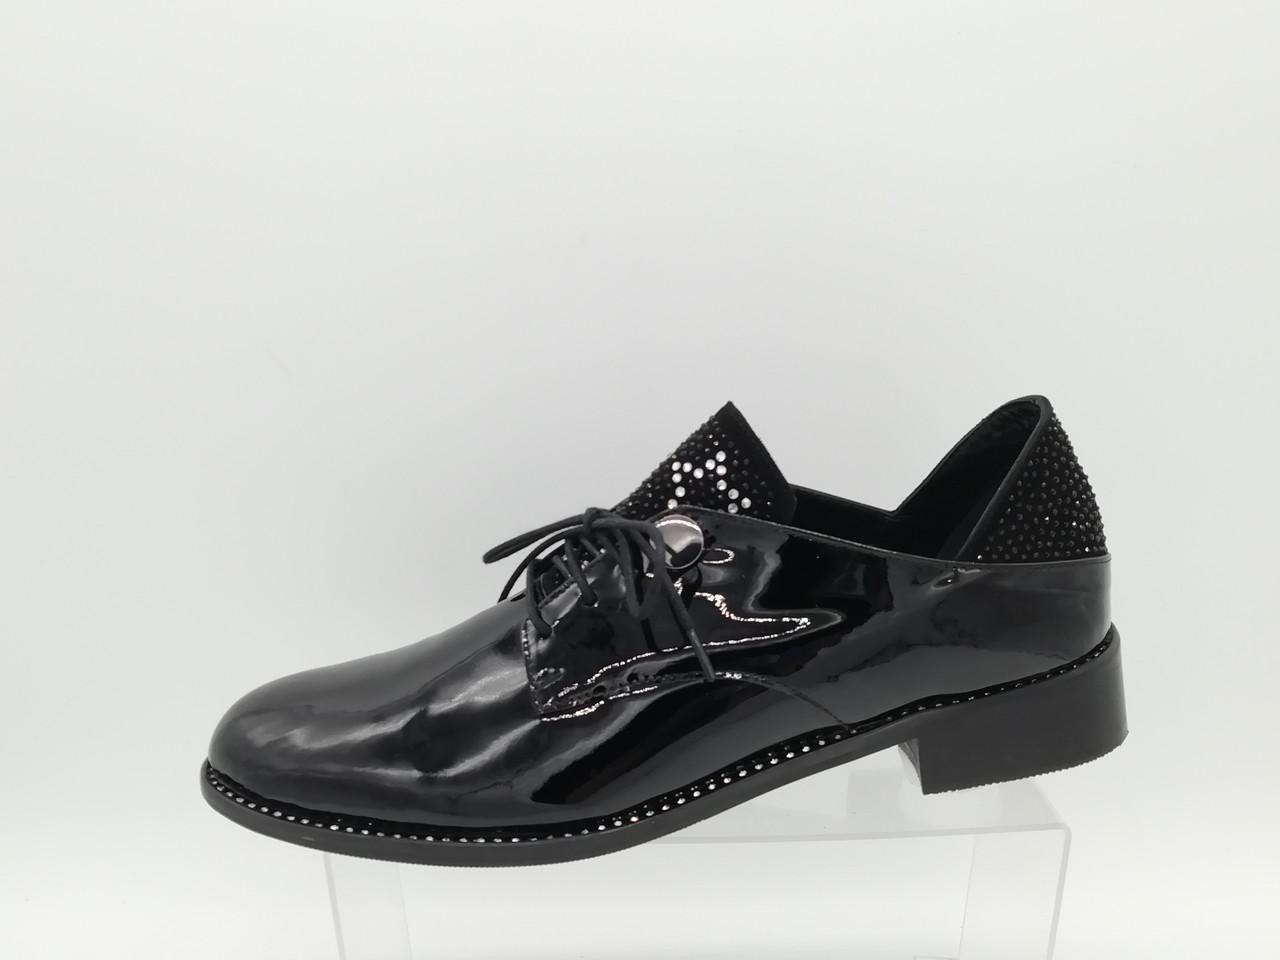 Туфли кожаные лаковые на низком каблуке, большие размеры ( 40 - 42). Турция.